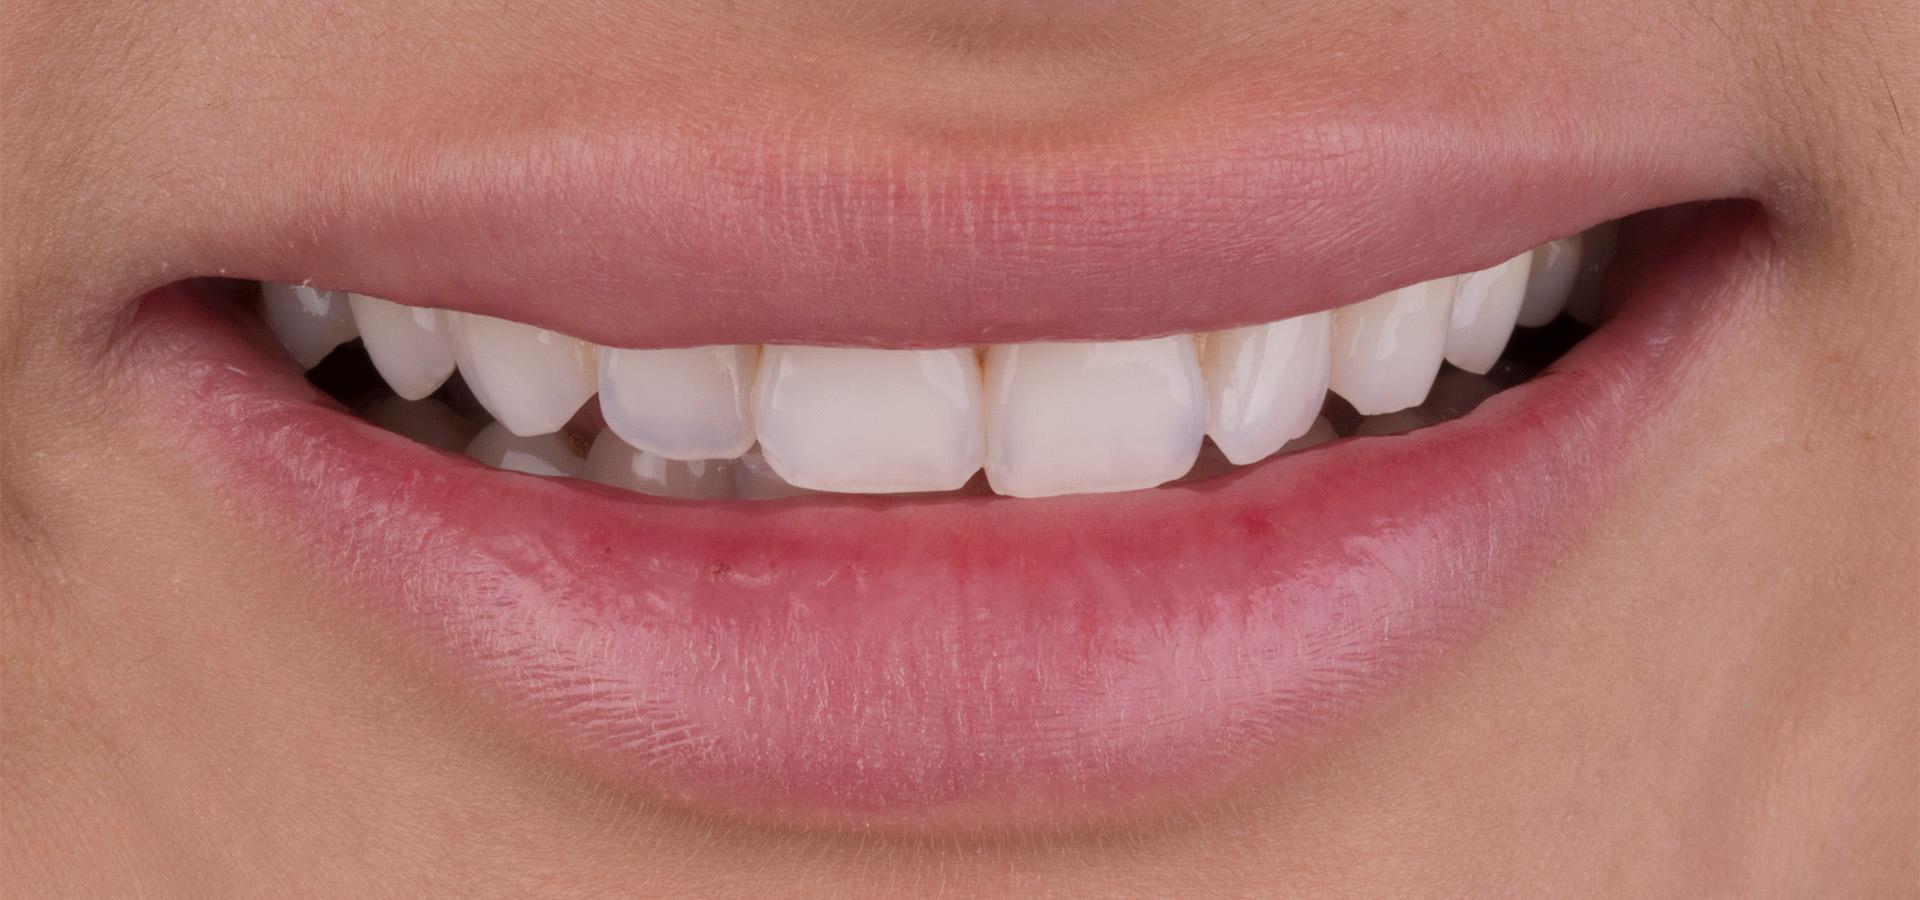 Как может незначительная коррекция винирами повлиять на красоту улыбки